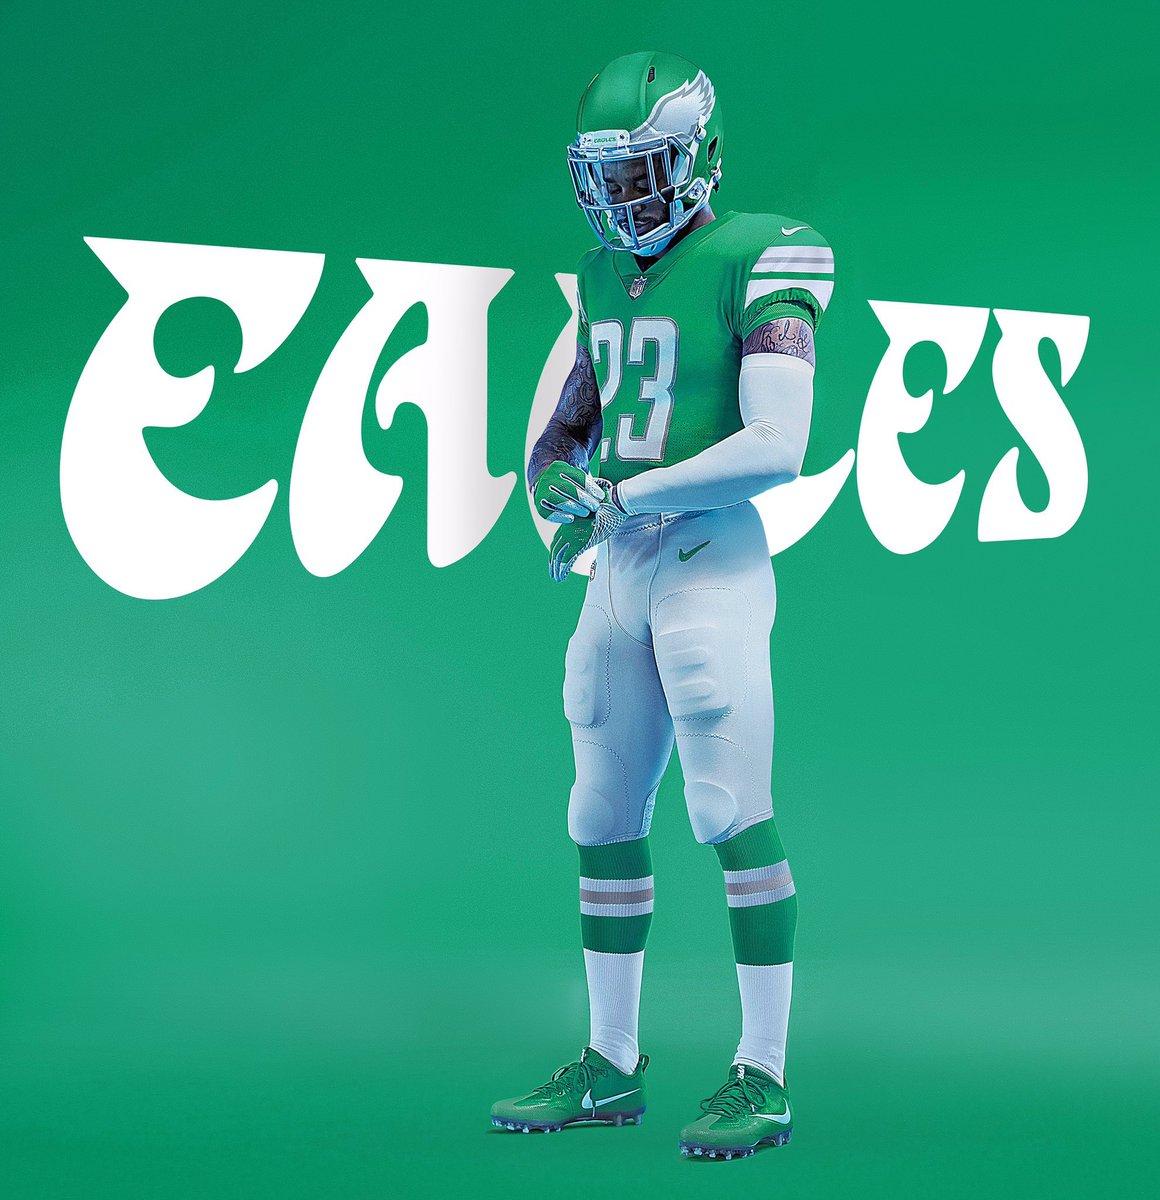 brand new ad8bb e0964 new eagles jersey